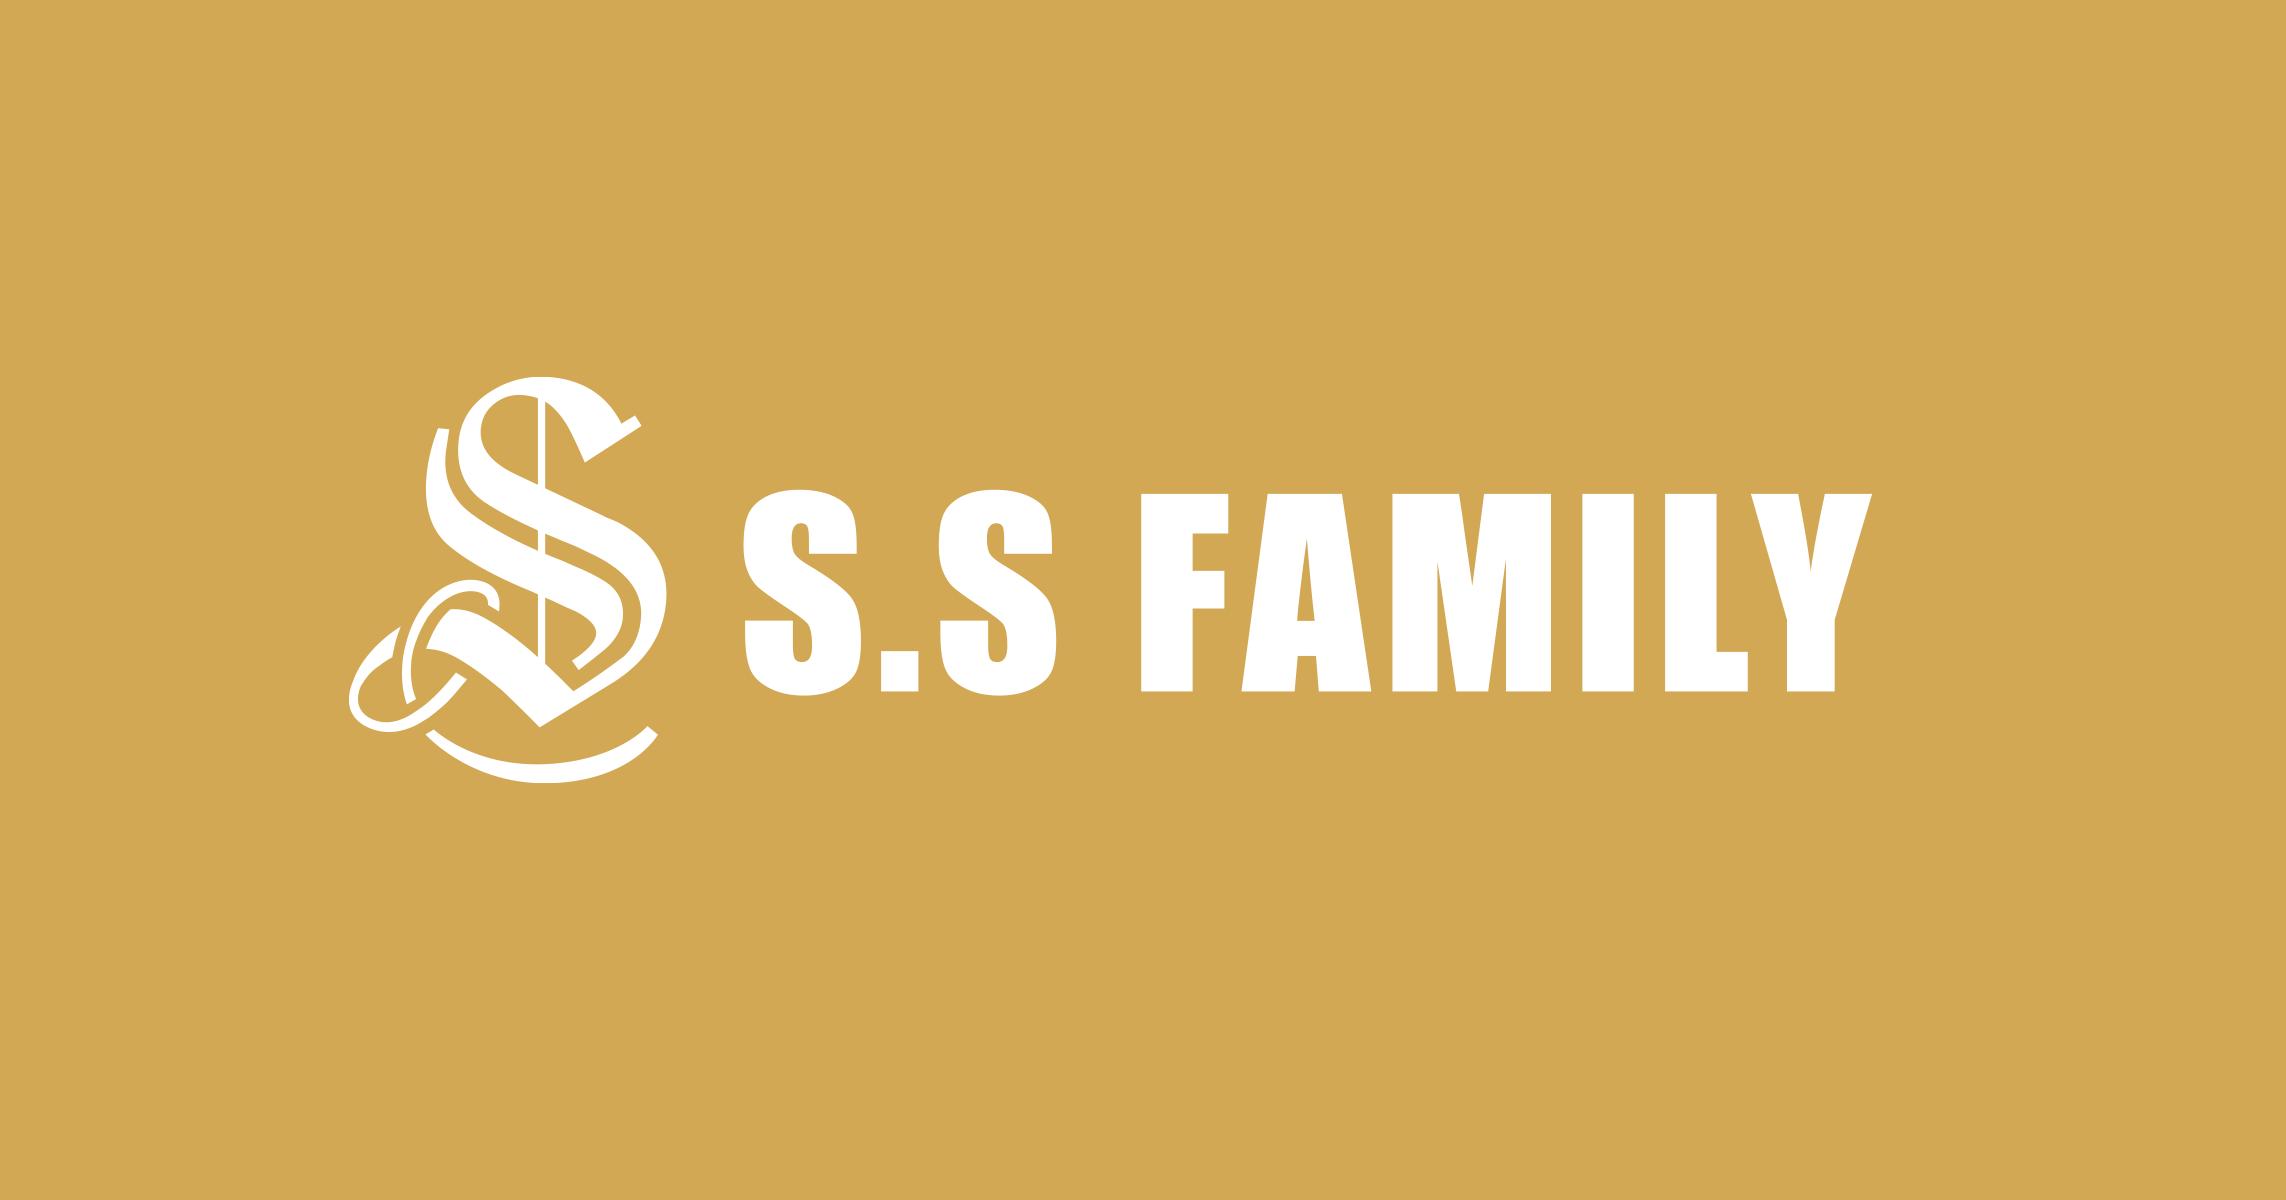 s s family